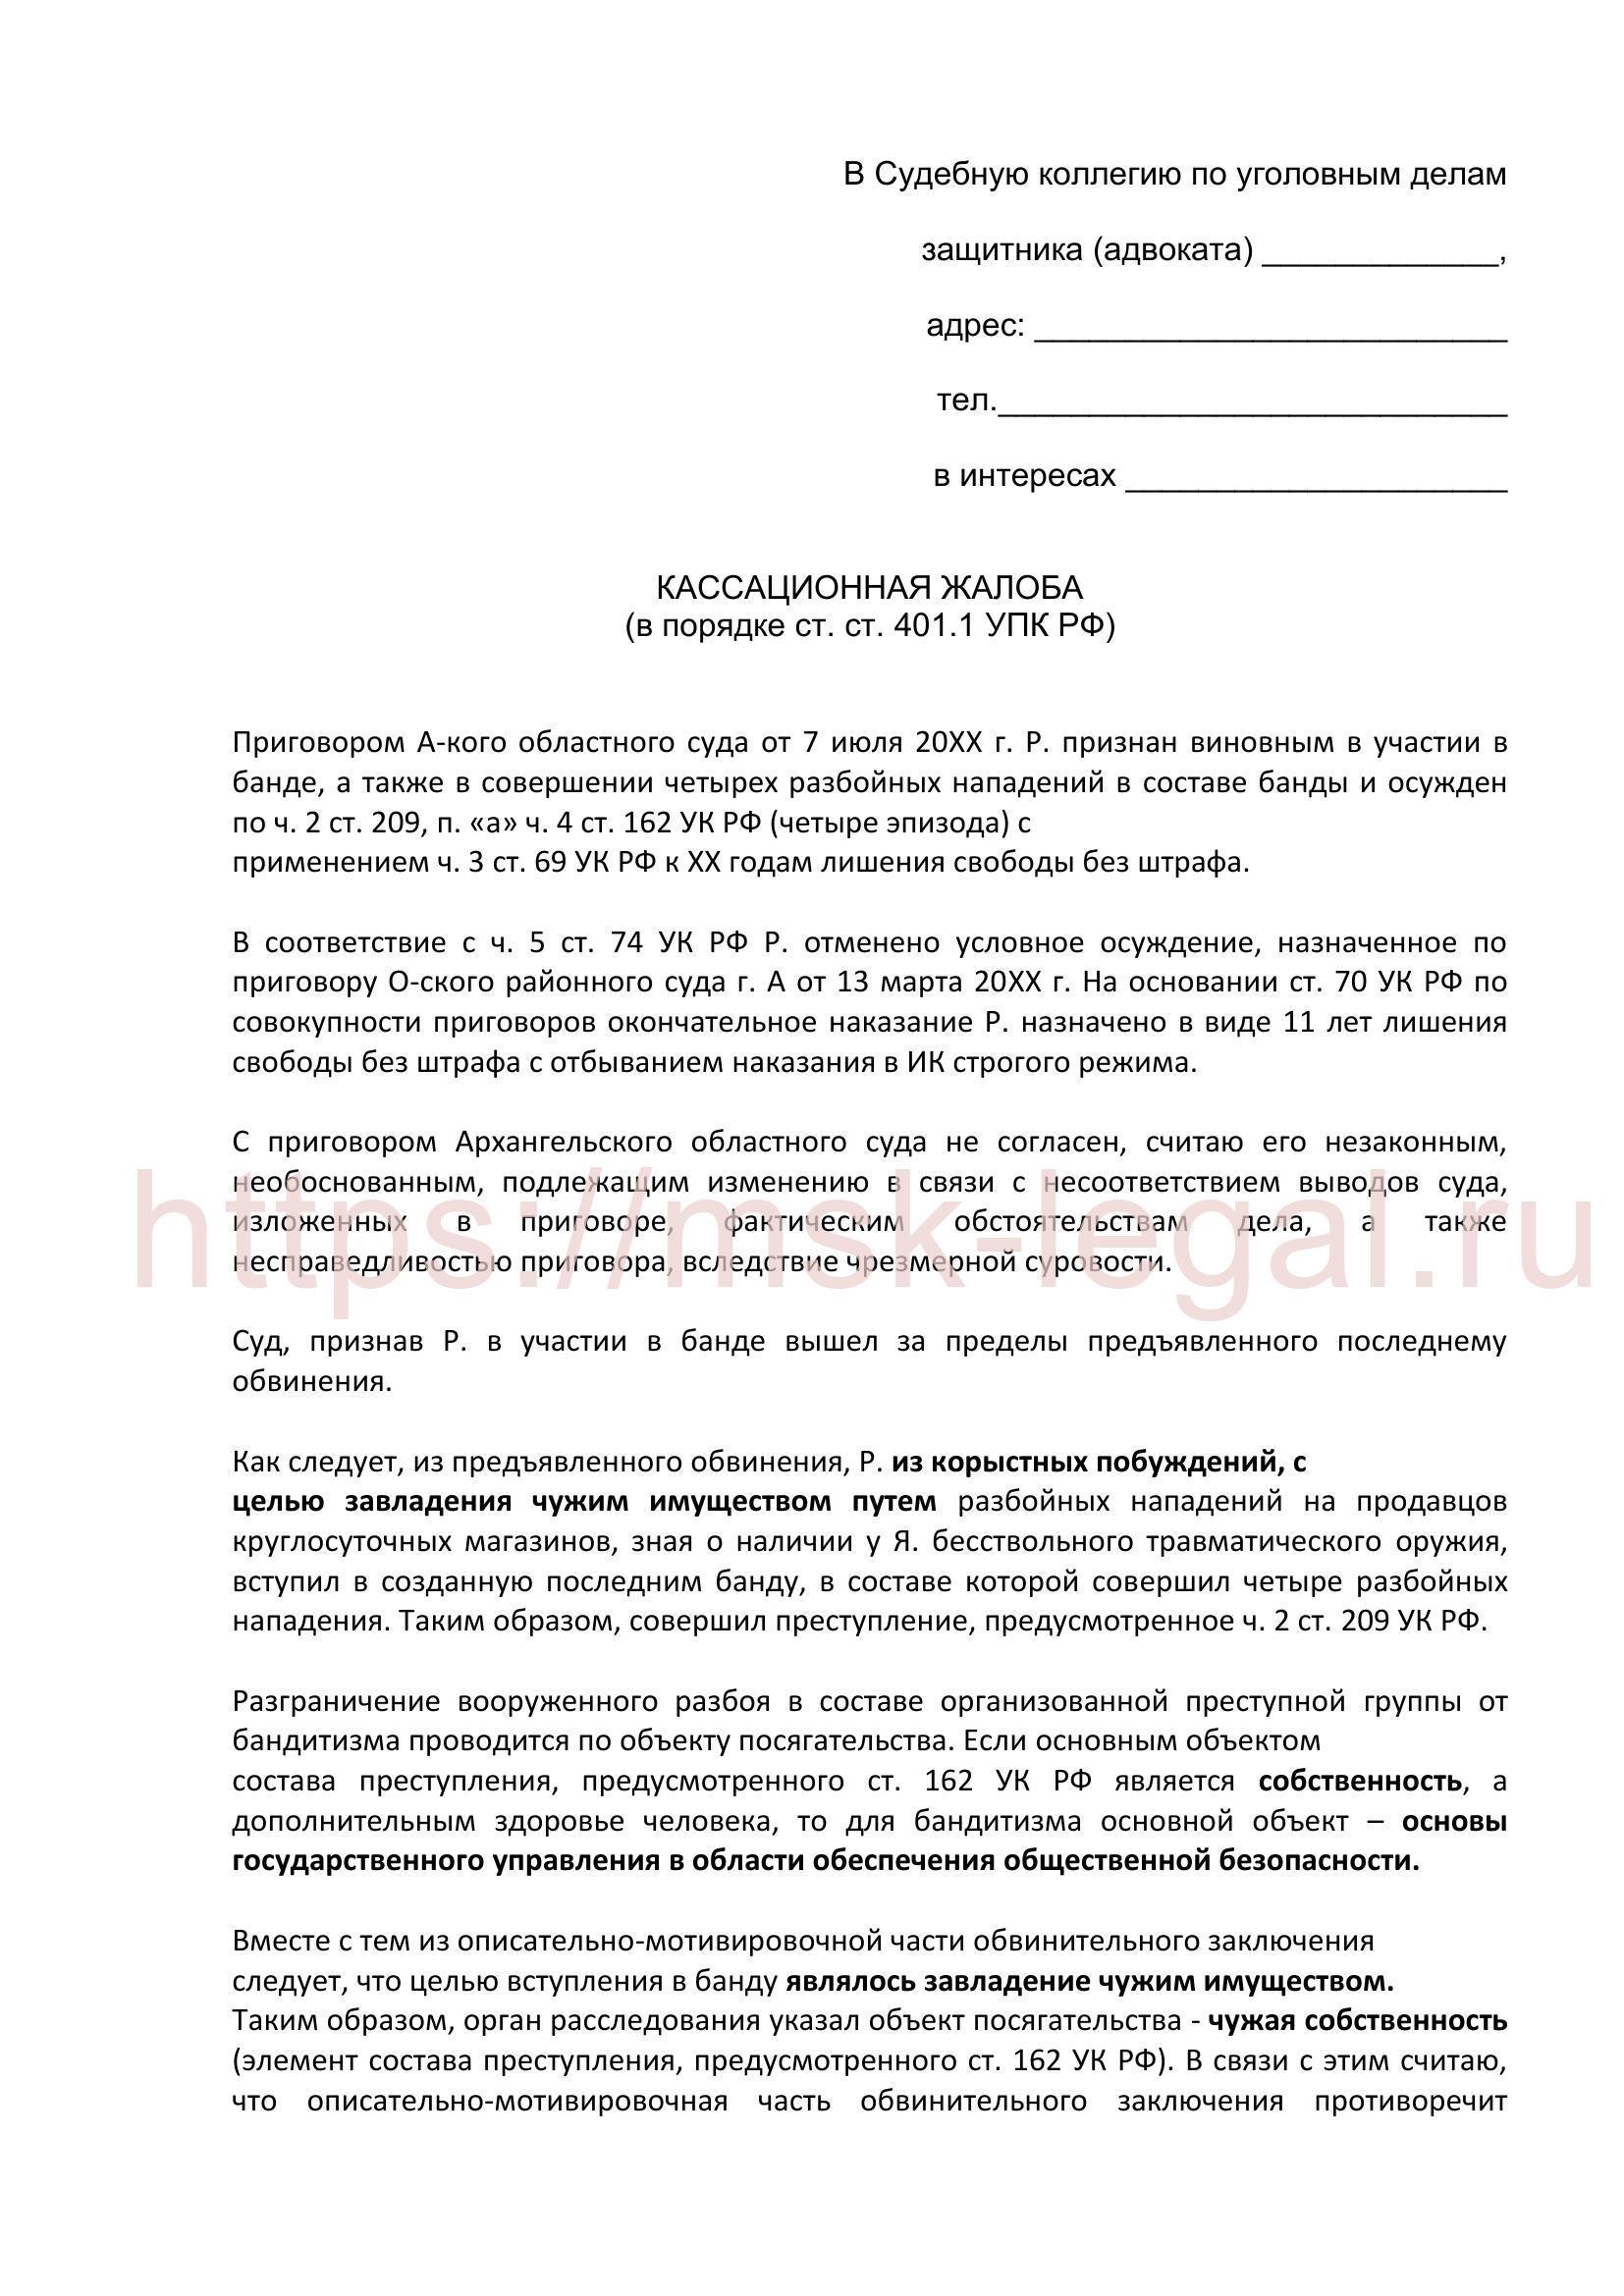 Кассационная жалоба на приговор по ст. 162, 209 УК РФ